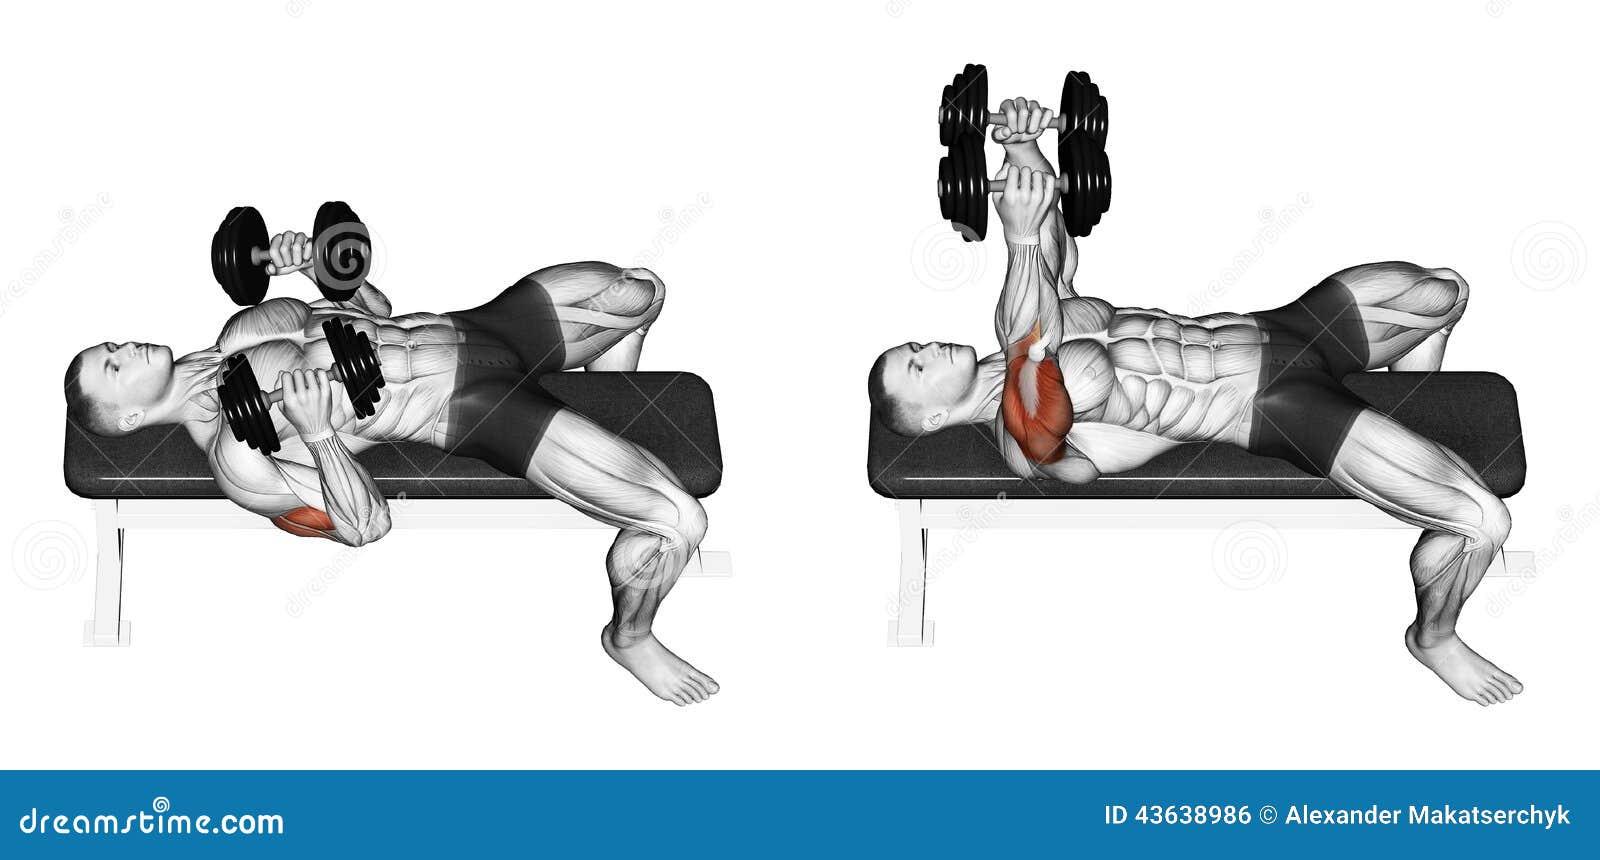 Exercising Prensa de banco de la pesa de gimnasia que se acuesta con sus codos presionados